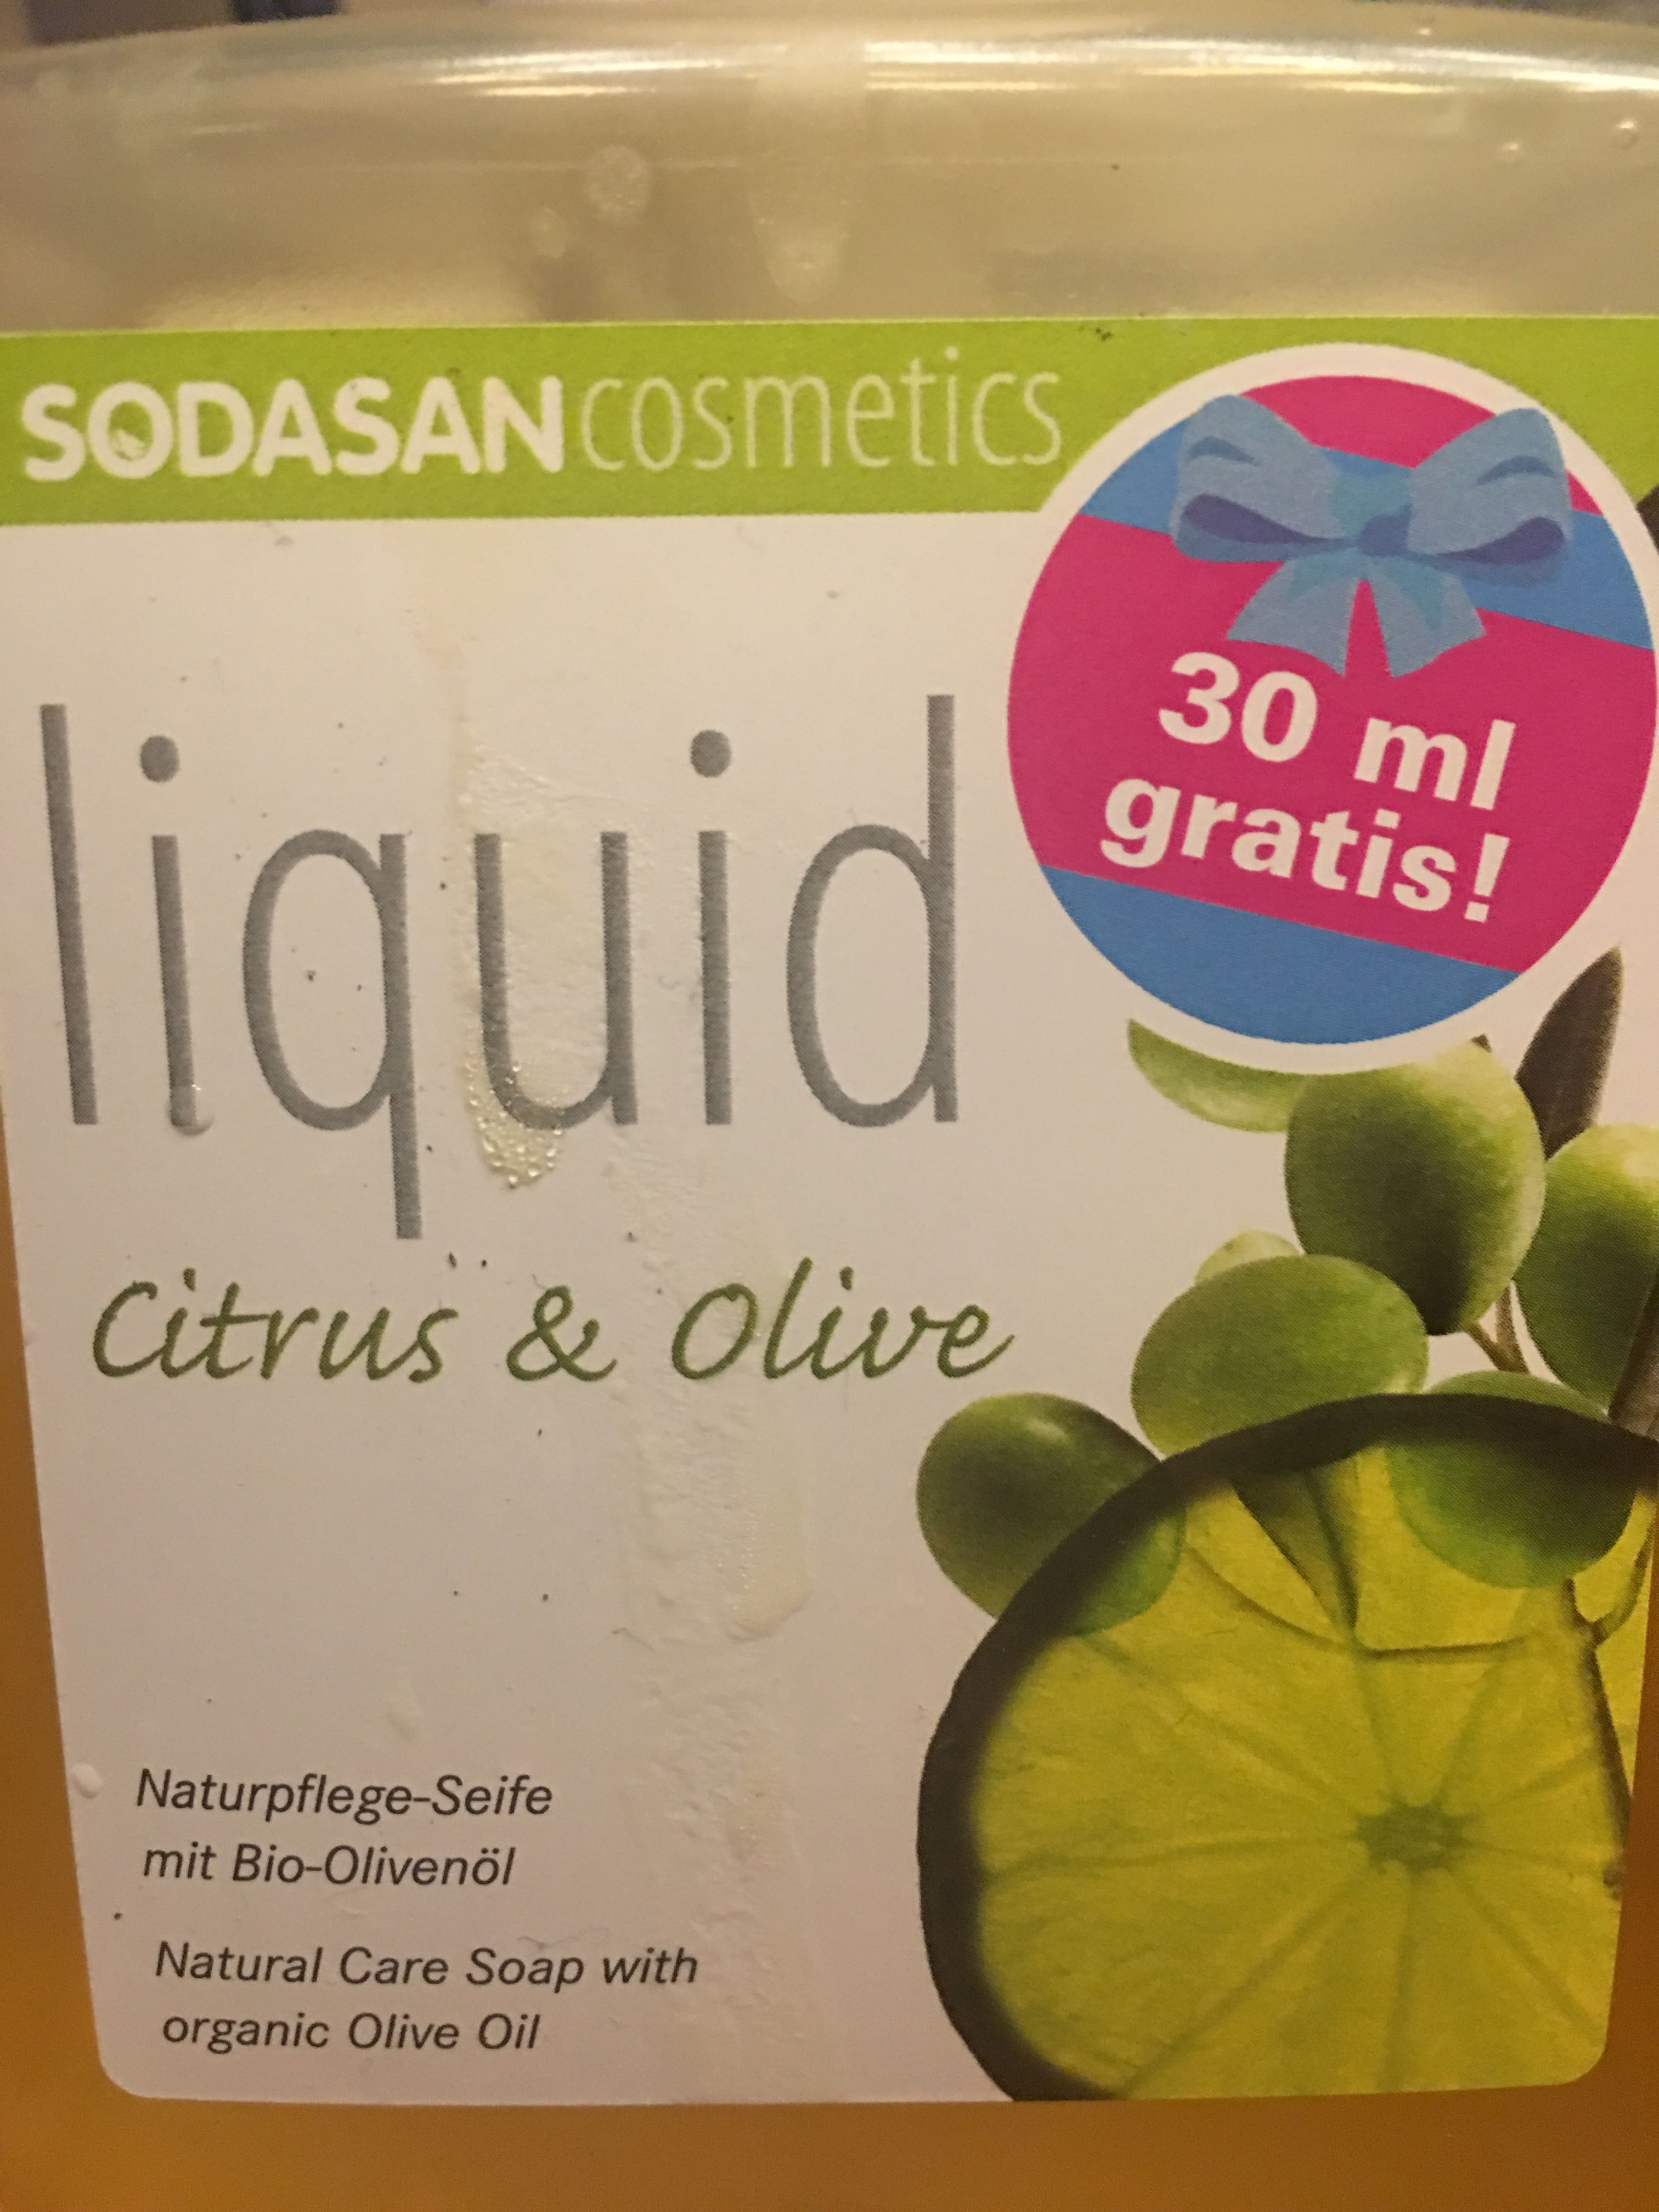 Liquid Citrus & Olive - Product